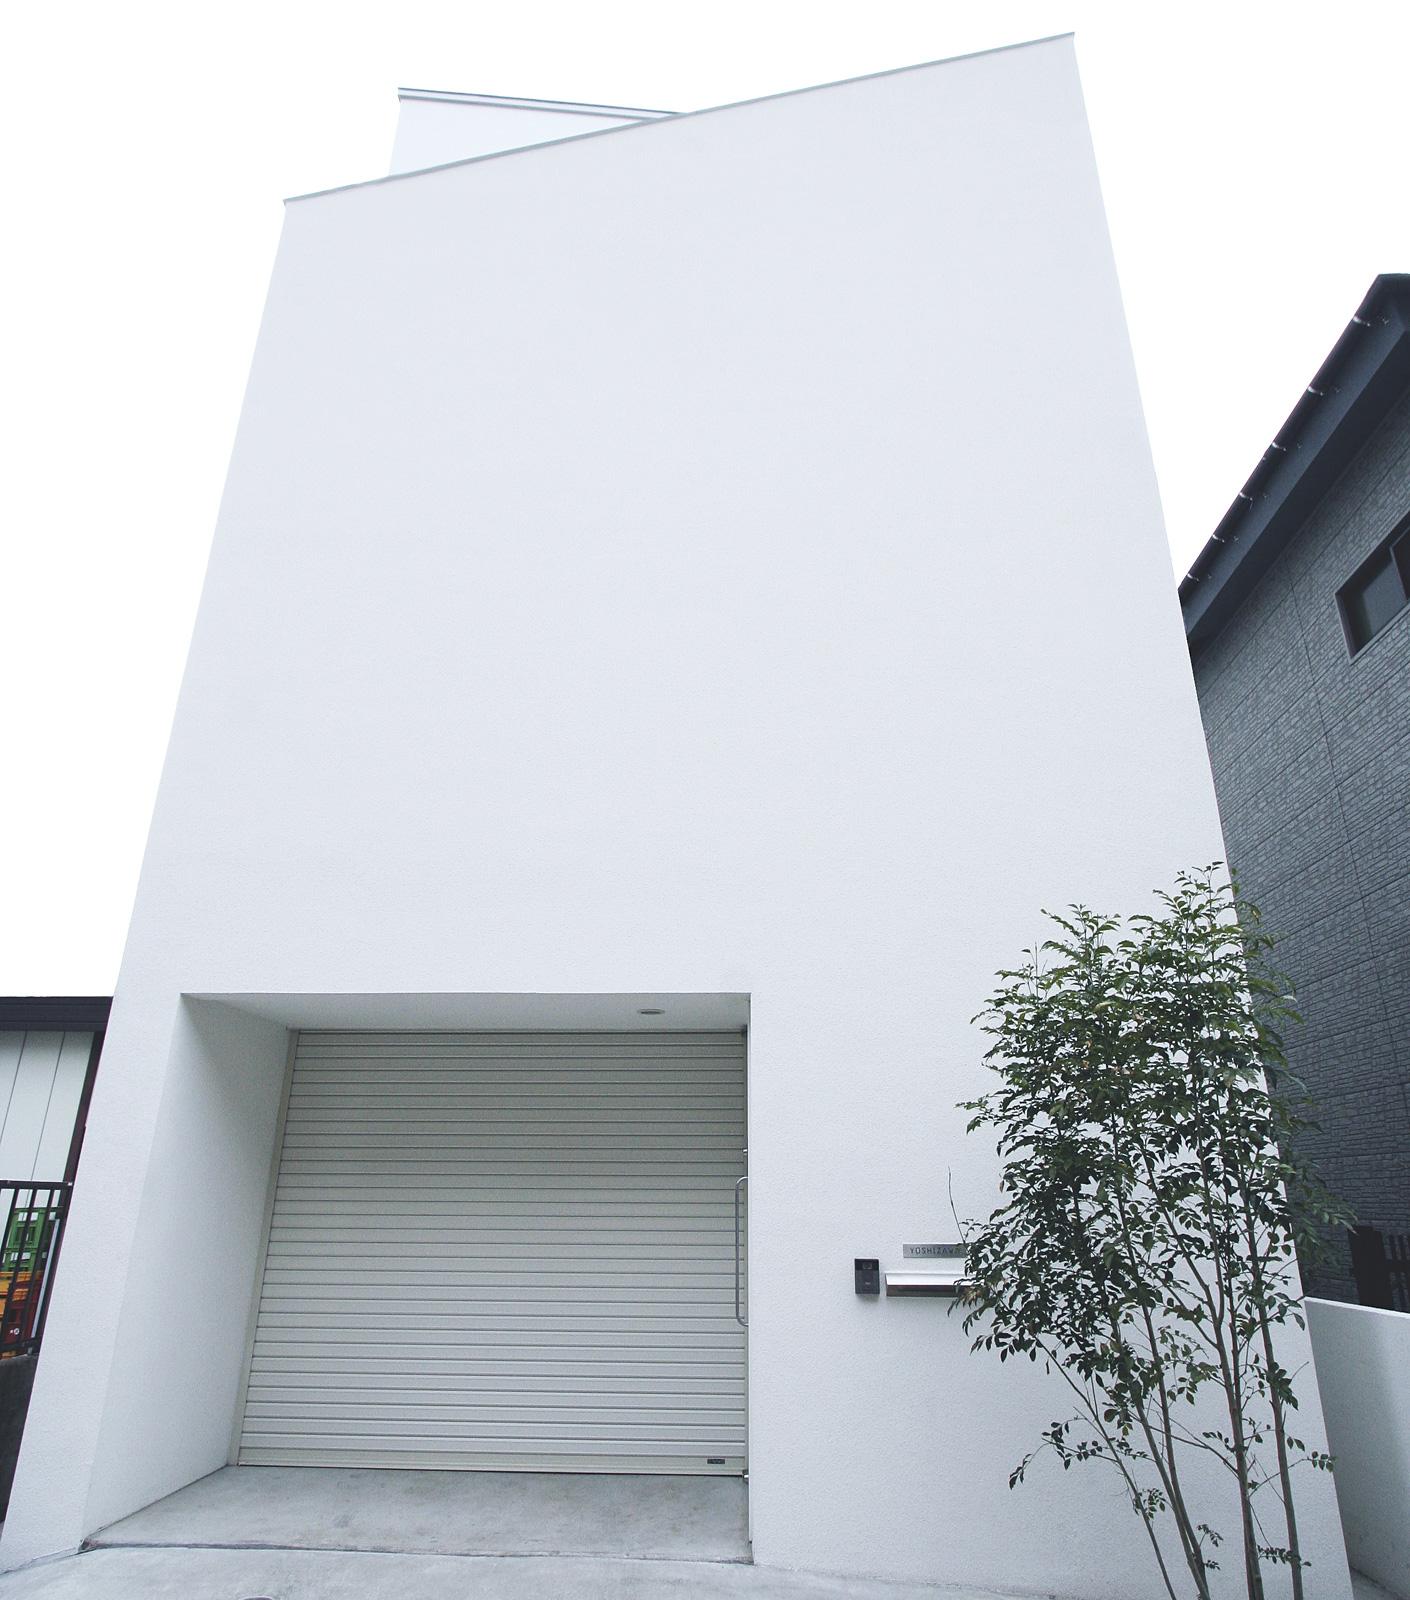 インナーテラスのある明るい住宅の外観2